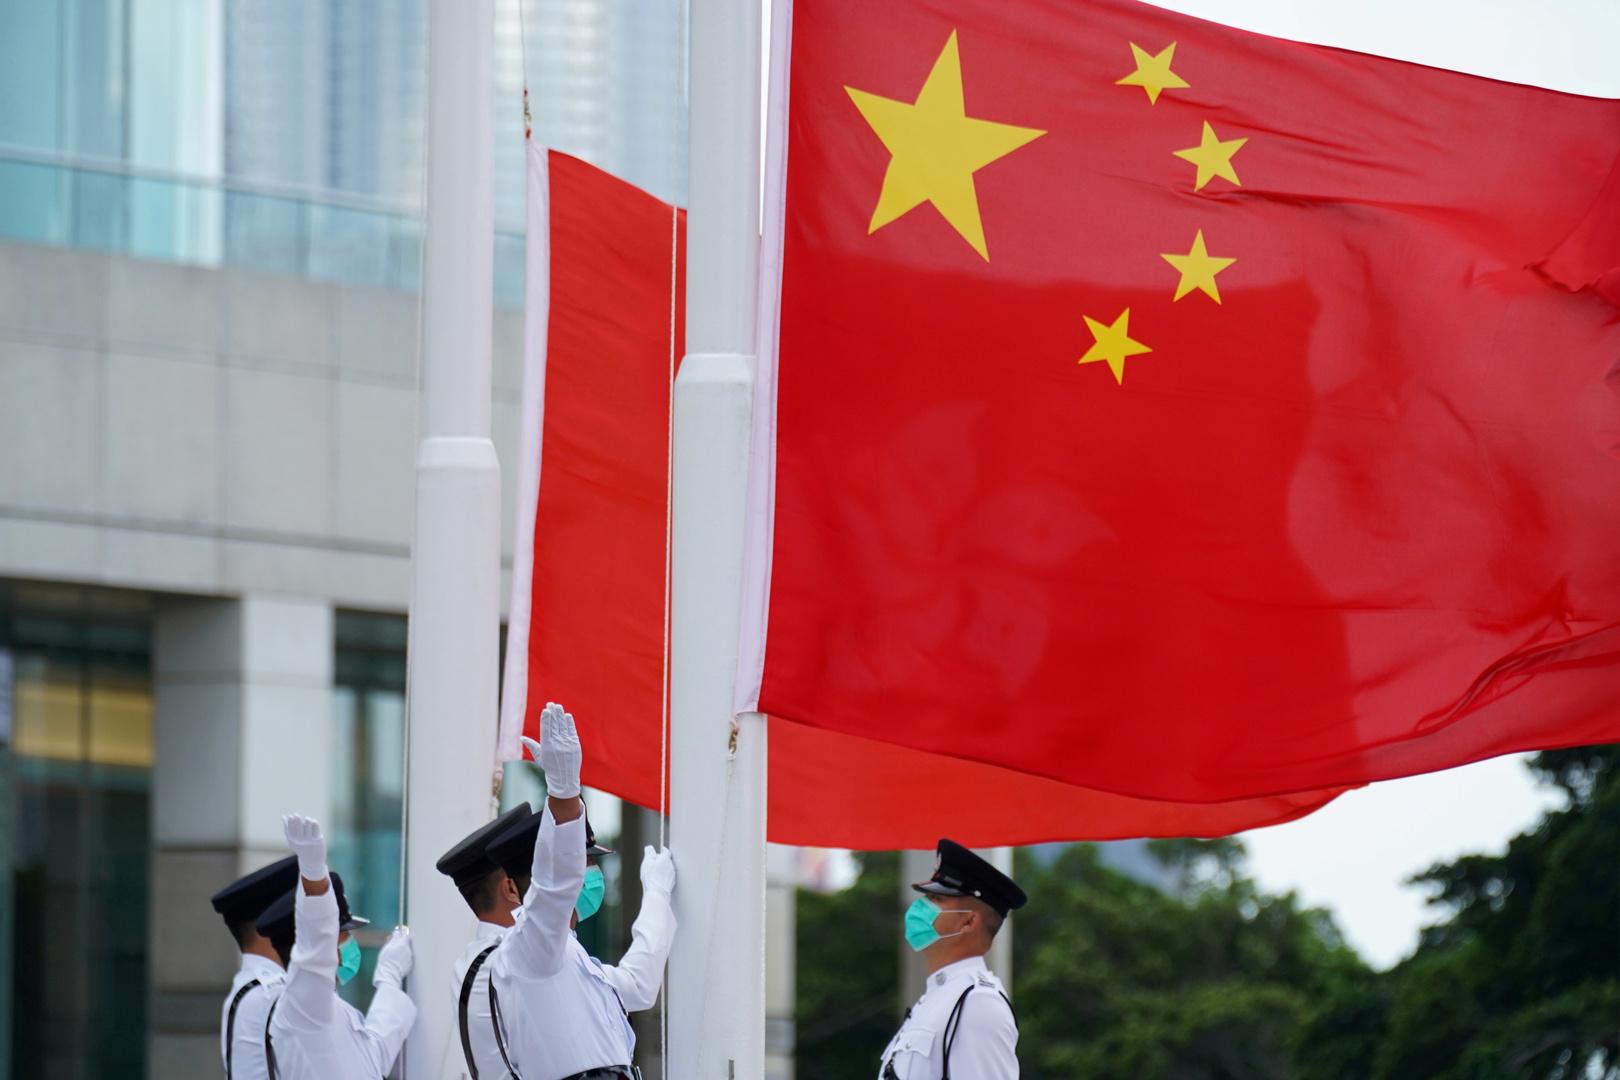 بكين تدعو إلى احترام سيادة سوريا وسلامة أراضيها